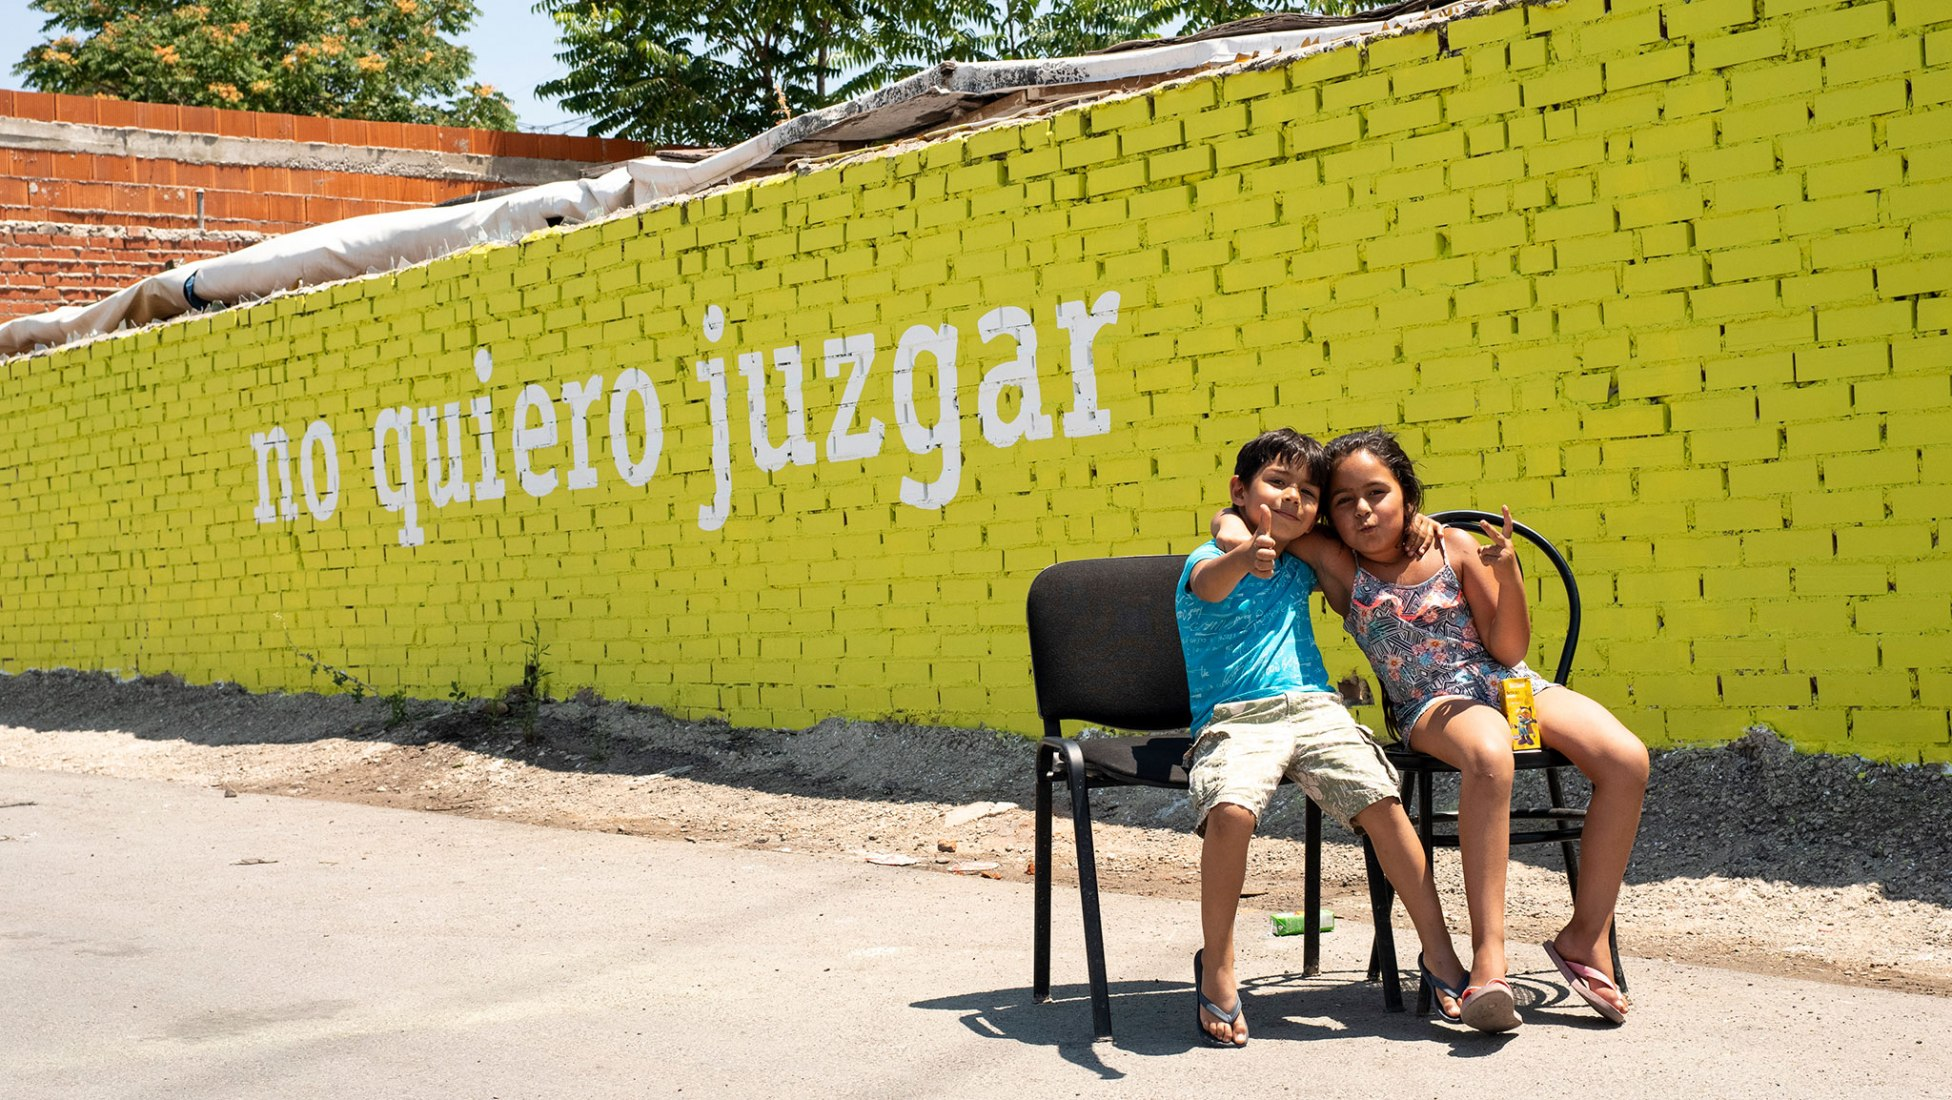 Intervención de Boa Mistura en La Cañada Real Galiana. Fotografía cortesía de Boa Mistura.